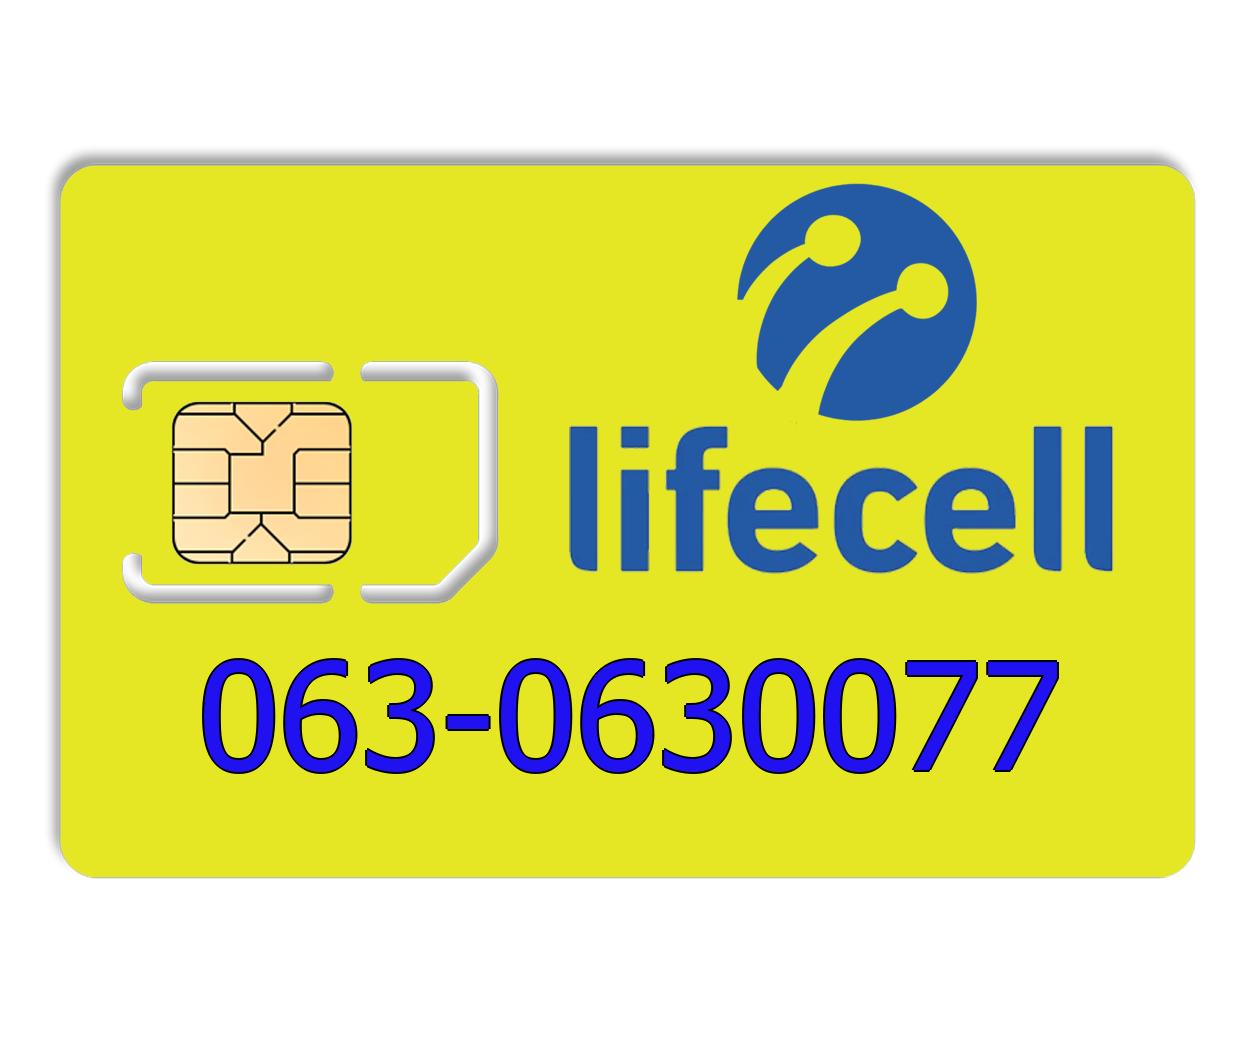 Красивый номер lifecell 063-0630077